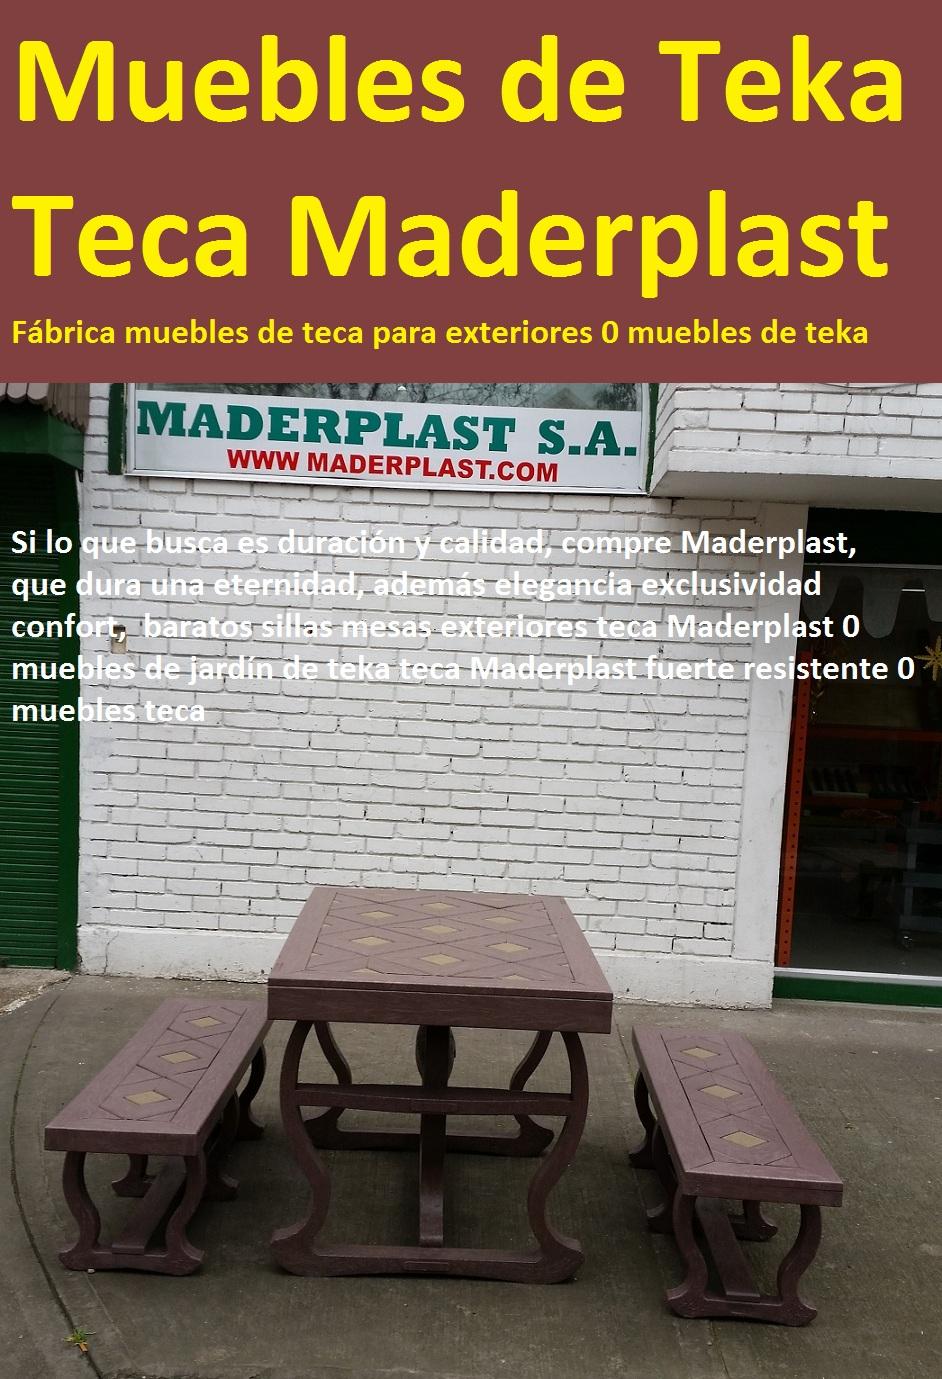 Fábrica muebles de teca para exteriores 0 muebles de teka baratos sillas mesas exteriores teca Maderplast 0 MESA Y SILLAS PARA EXTERIORES MADERPLAST MUEBLES PLÁSTICOS CON PARASOLES DE EXTERIORES 0 mesas con parasol para patios jardines restaurantes campestres 0, muebles de madera plástica para exterior 0, muebles de maderas finas teca ipe macana 0, sillas y Mesa de picnic con parasol 0, Juego de sala para exteriores 0, muebles para terraza pequeña 0, sala para exteriores sillas para exteriores Maderplast fabricamos sus muebles de acuerdo a sus gustos 0, somos especialistas en mobiliario de trabajo fuerte para exteriores 0, muebles son finos resistentes al trabajo 0, los muebles Maderplast son fuertes finos y elegantes 0, Silla convertible en mesa 0, banco convertible en mesa 0, planos de banco convertible en mesa 0, sillon mesa plegable 0, banca que se transforma en mesa planos 0, mesa banca 0, mesa banco 0, Comprar Muebles de Madera 0, Diseños con variedad de materiales con excelente calidad 0, Comprar Muebles de Madera de Abedul 0, Comprar Muebles de Madera de Mukali 0, Comprar Muebles de Madera de Balau 0, Mesa de picnic plegable y convertible en bancos 0, Comprar Muebles de Madera de álamo 0, muebles de jardín de madera teca madera aipe madera fina madera para exteriores Fábrica muebles de teca para exteriores 0 muebles de teka baratos sillas mesas exteriores teca Maderplast 0 muebles de jardín de teka teca Maderplast fuerte resistente 0 muebles teca  teka teca Maderplast fuerte resistente 0 muebles teca